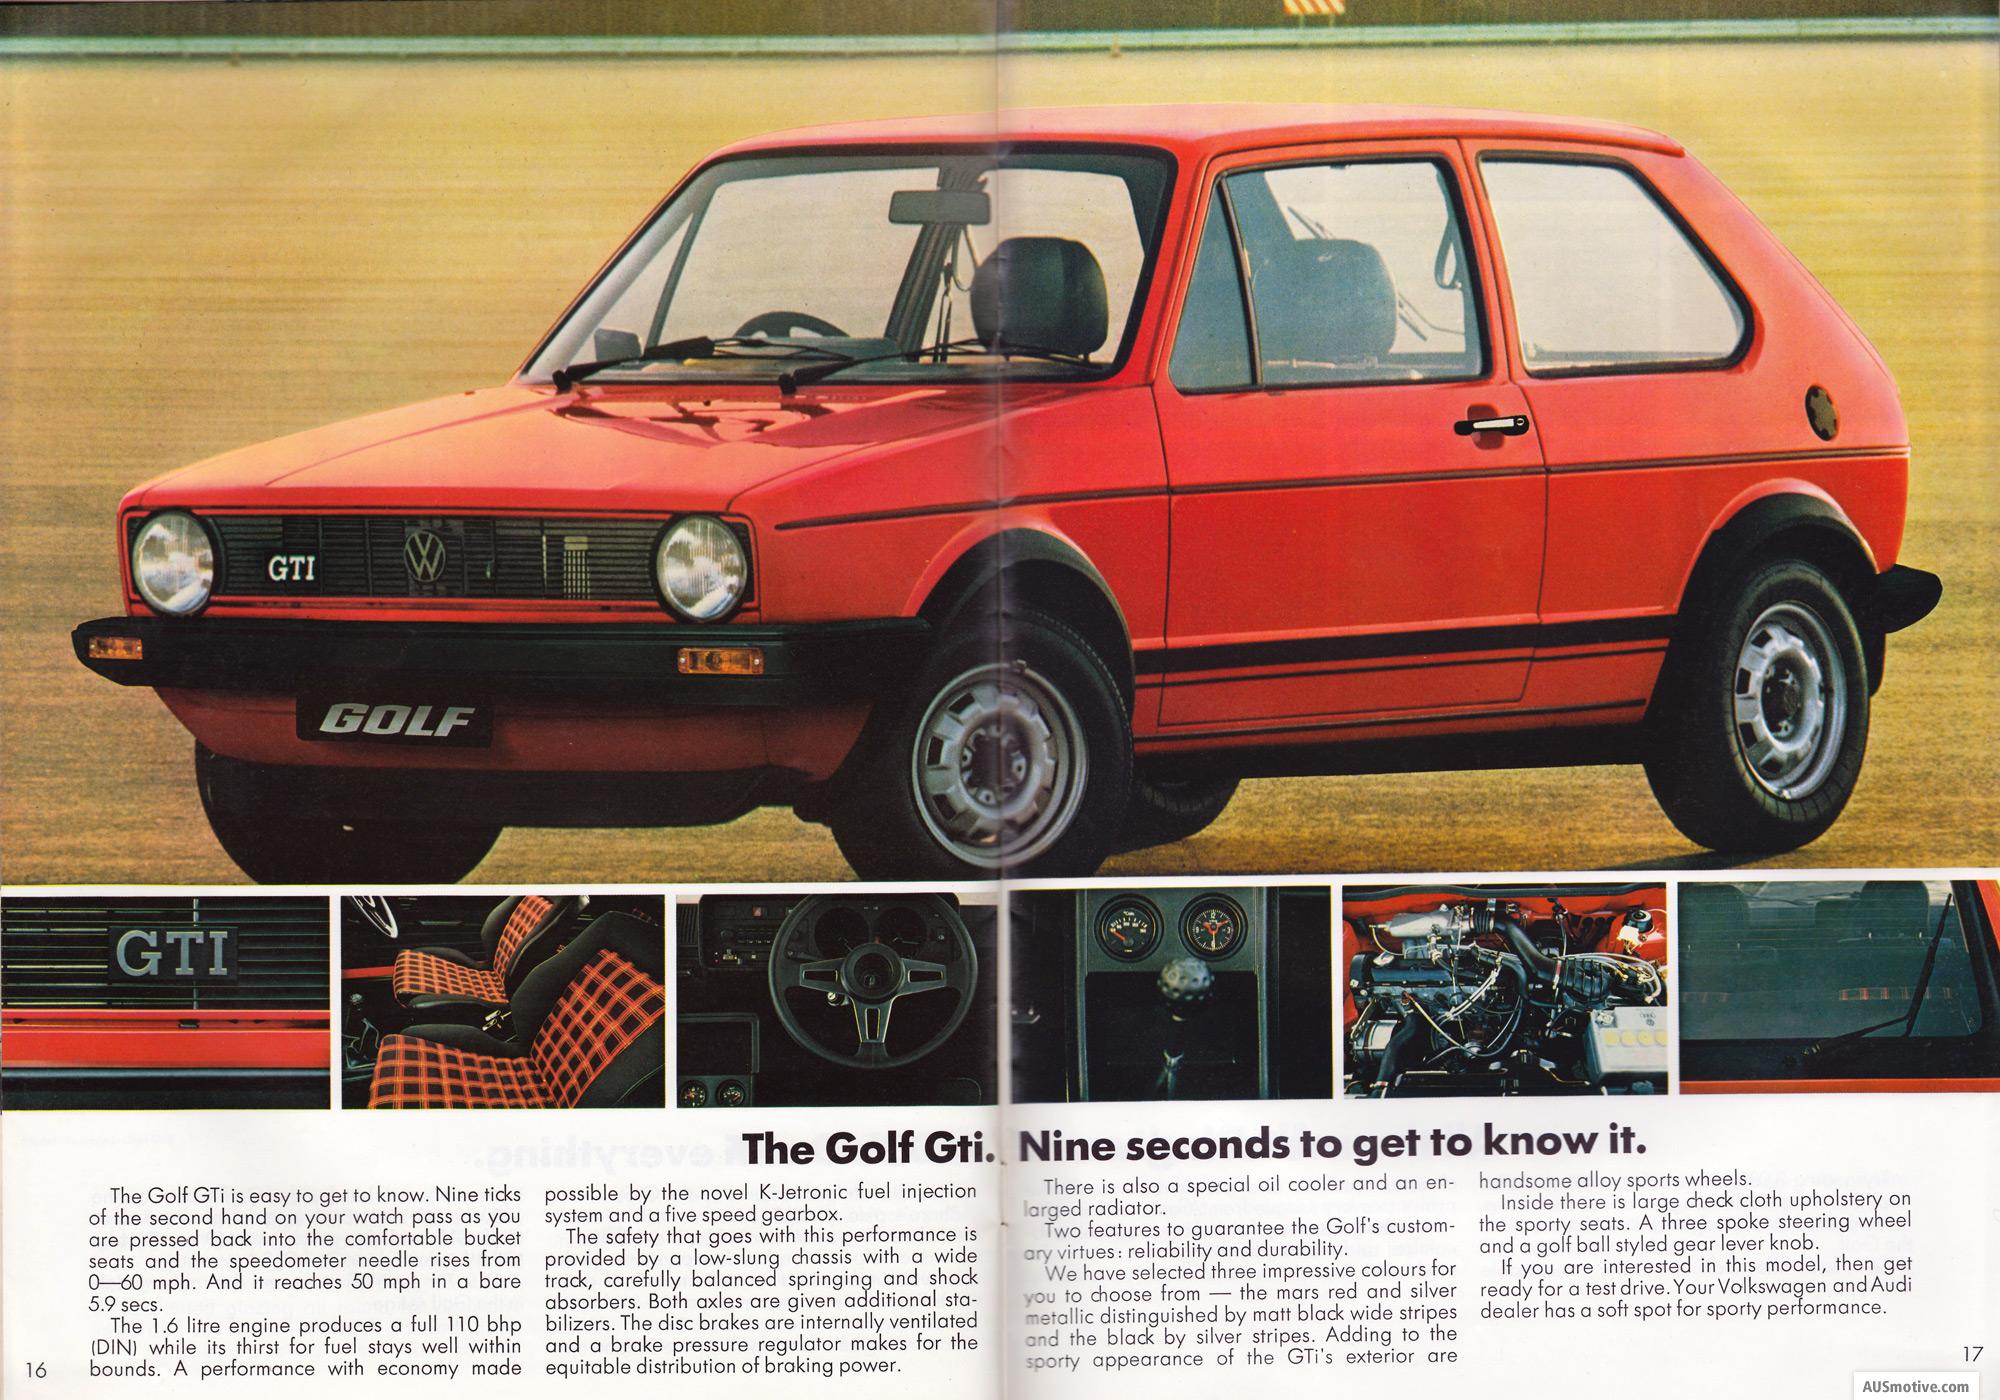 Det faktum at bilen brukte ca. 9 sekunder fra 0-100 km/t brukte VW flittig i sine brosjyrer.